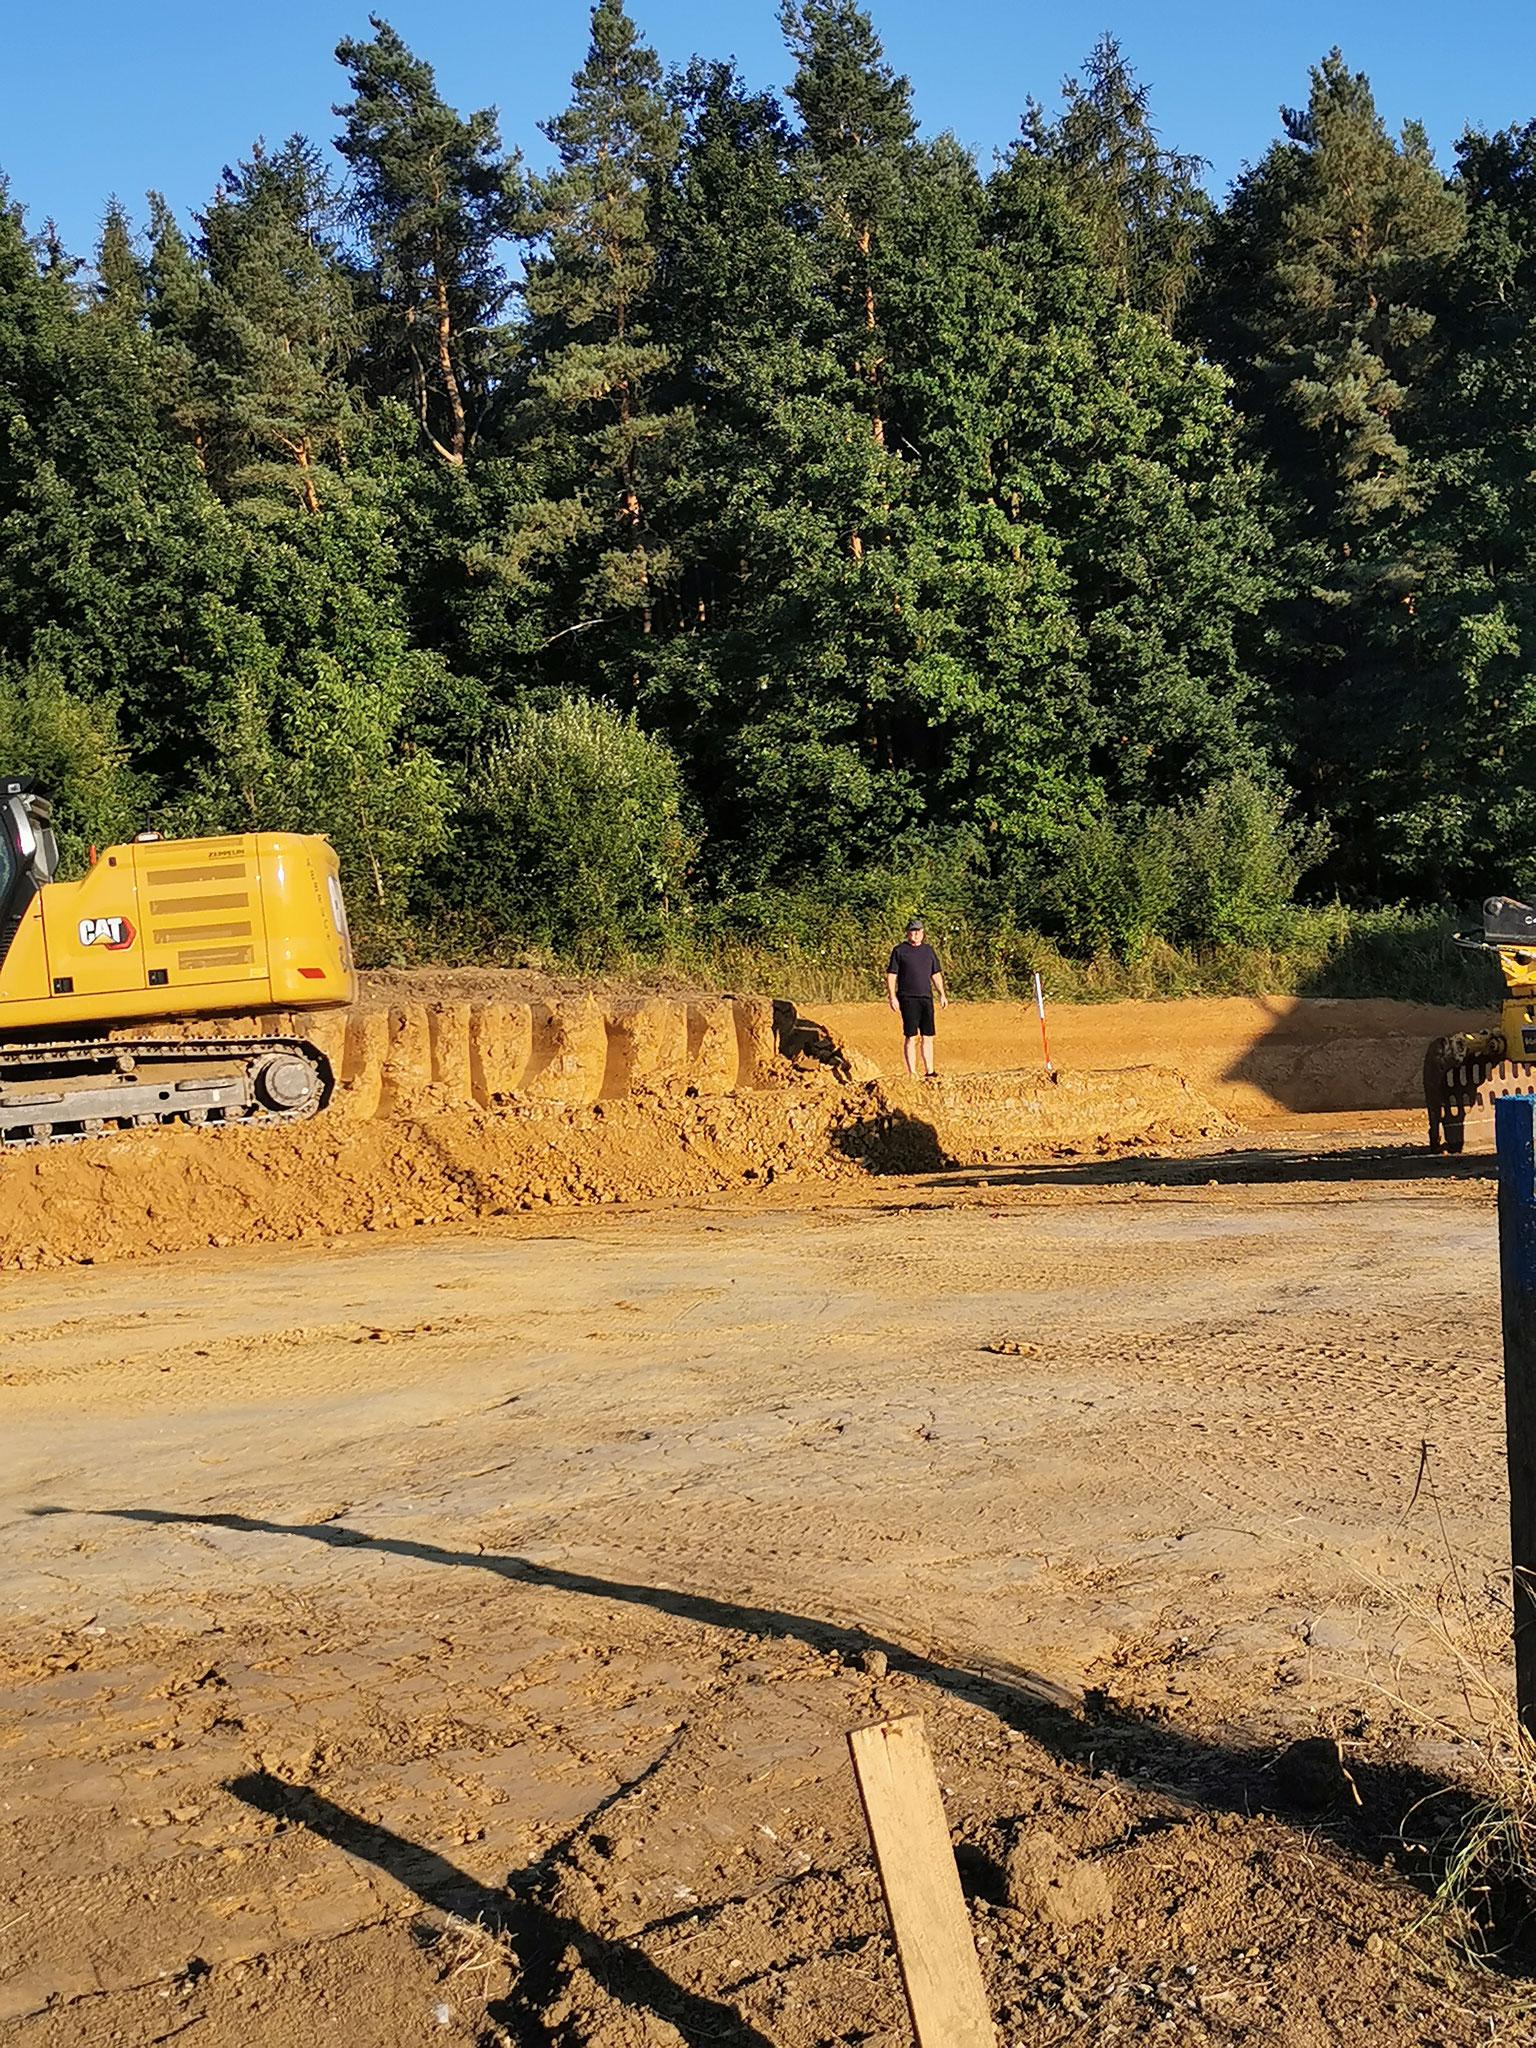 Hier entdecken wir gerade, das der Nachbar einfach von unserem Grundstück abgegraben hat